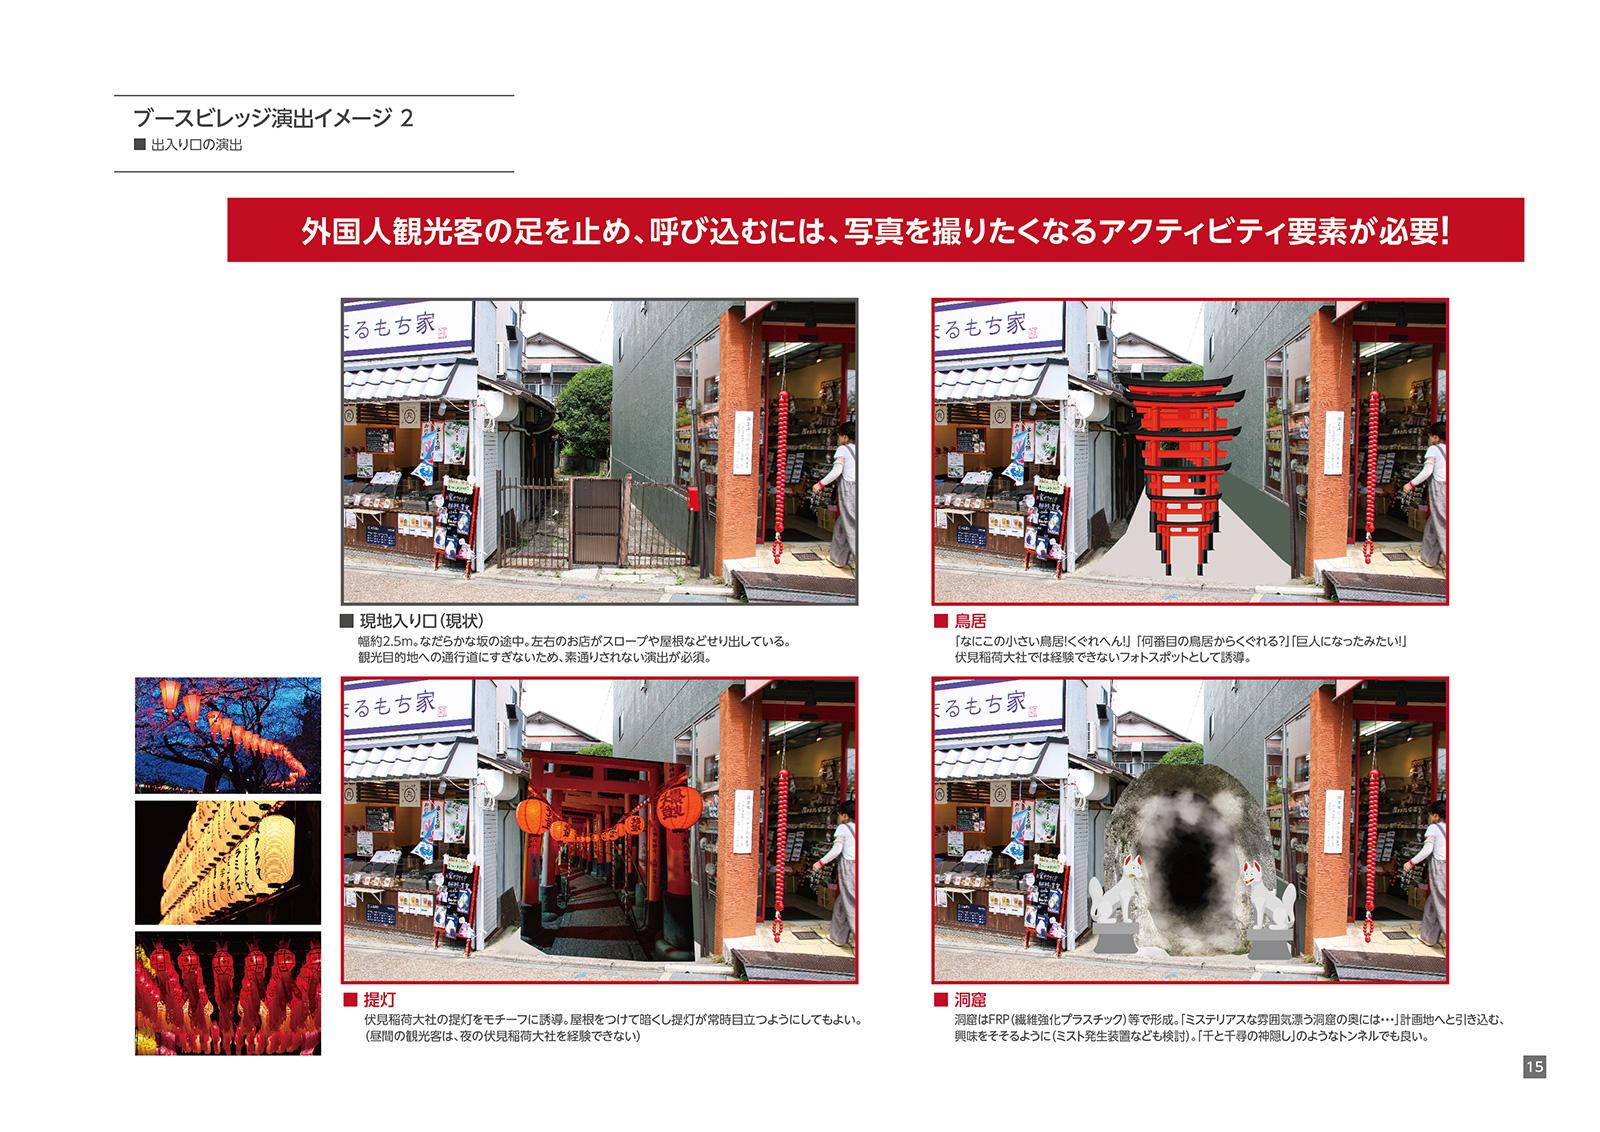 伏見稲荷 屋台村プロジェクト-17